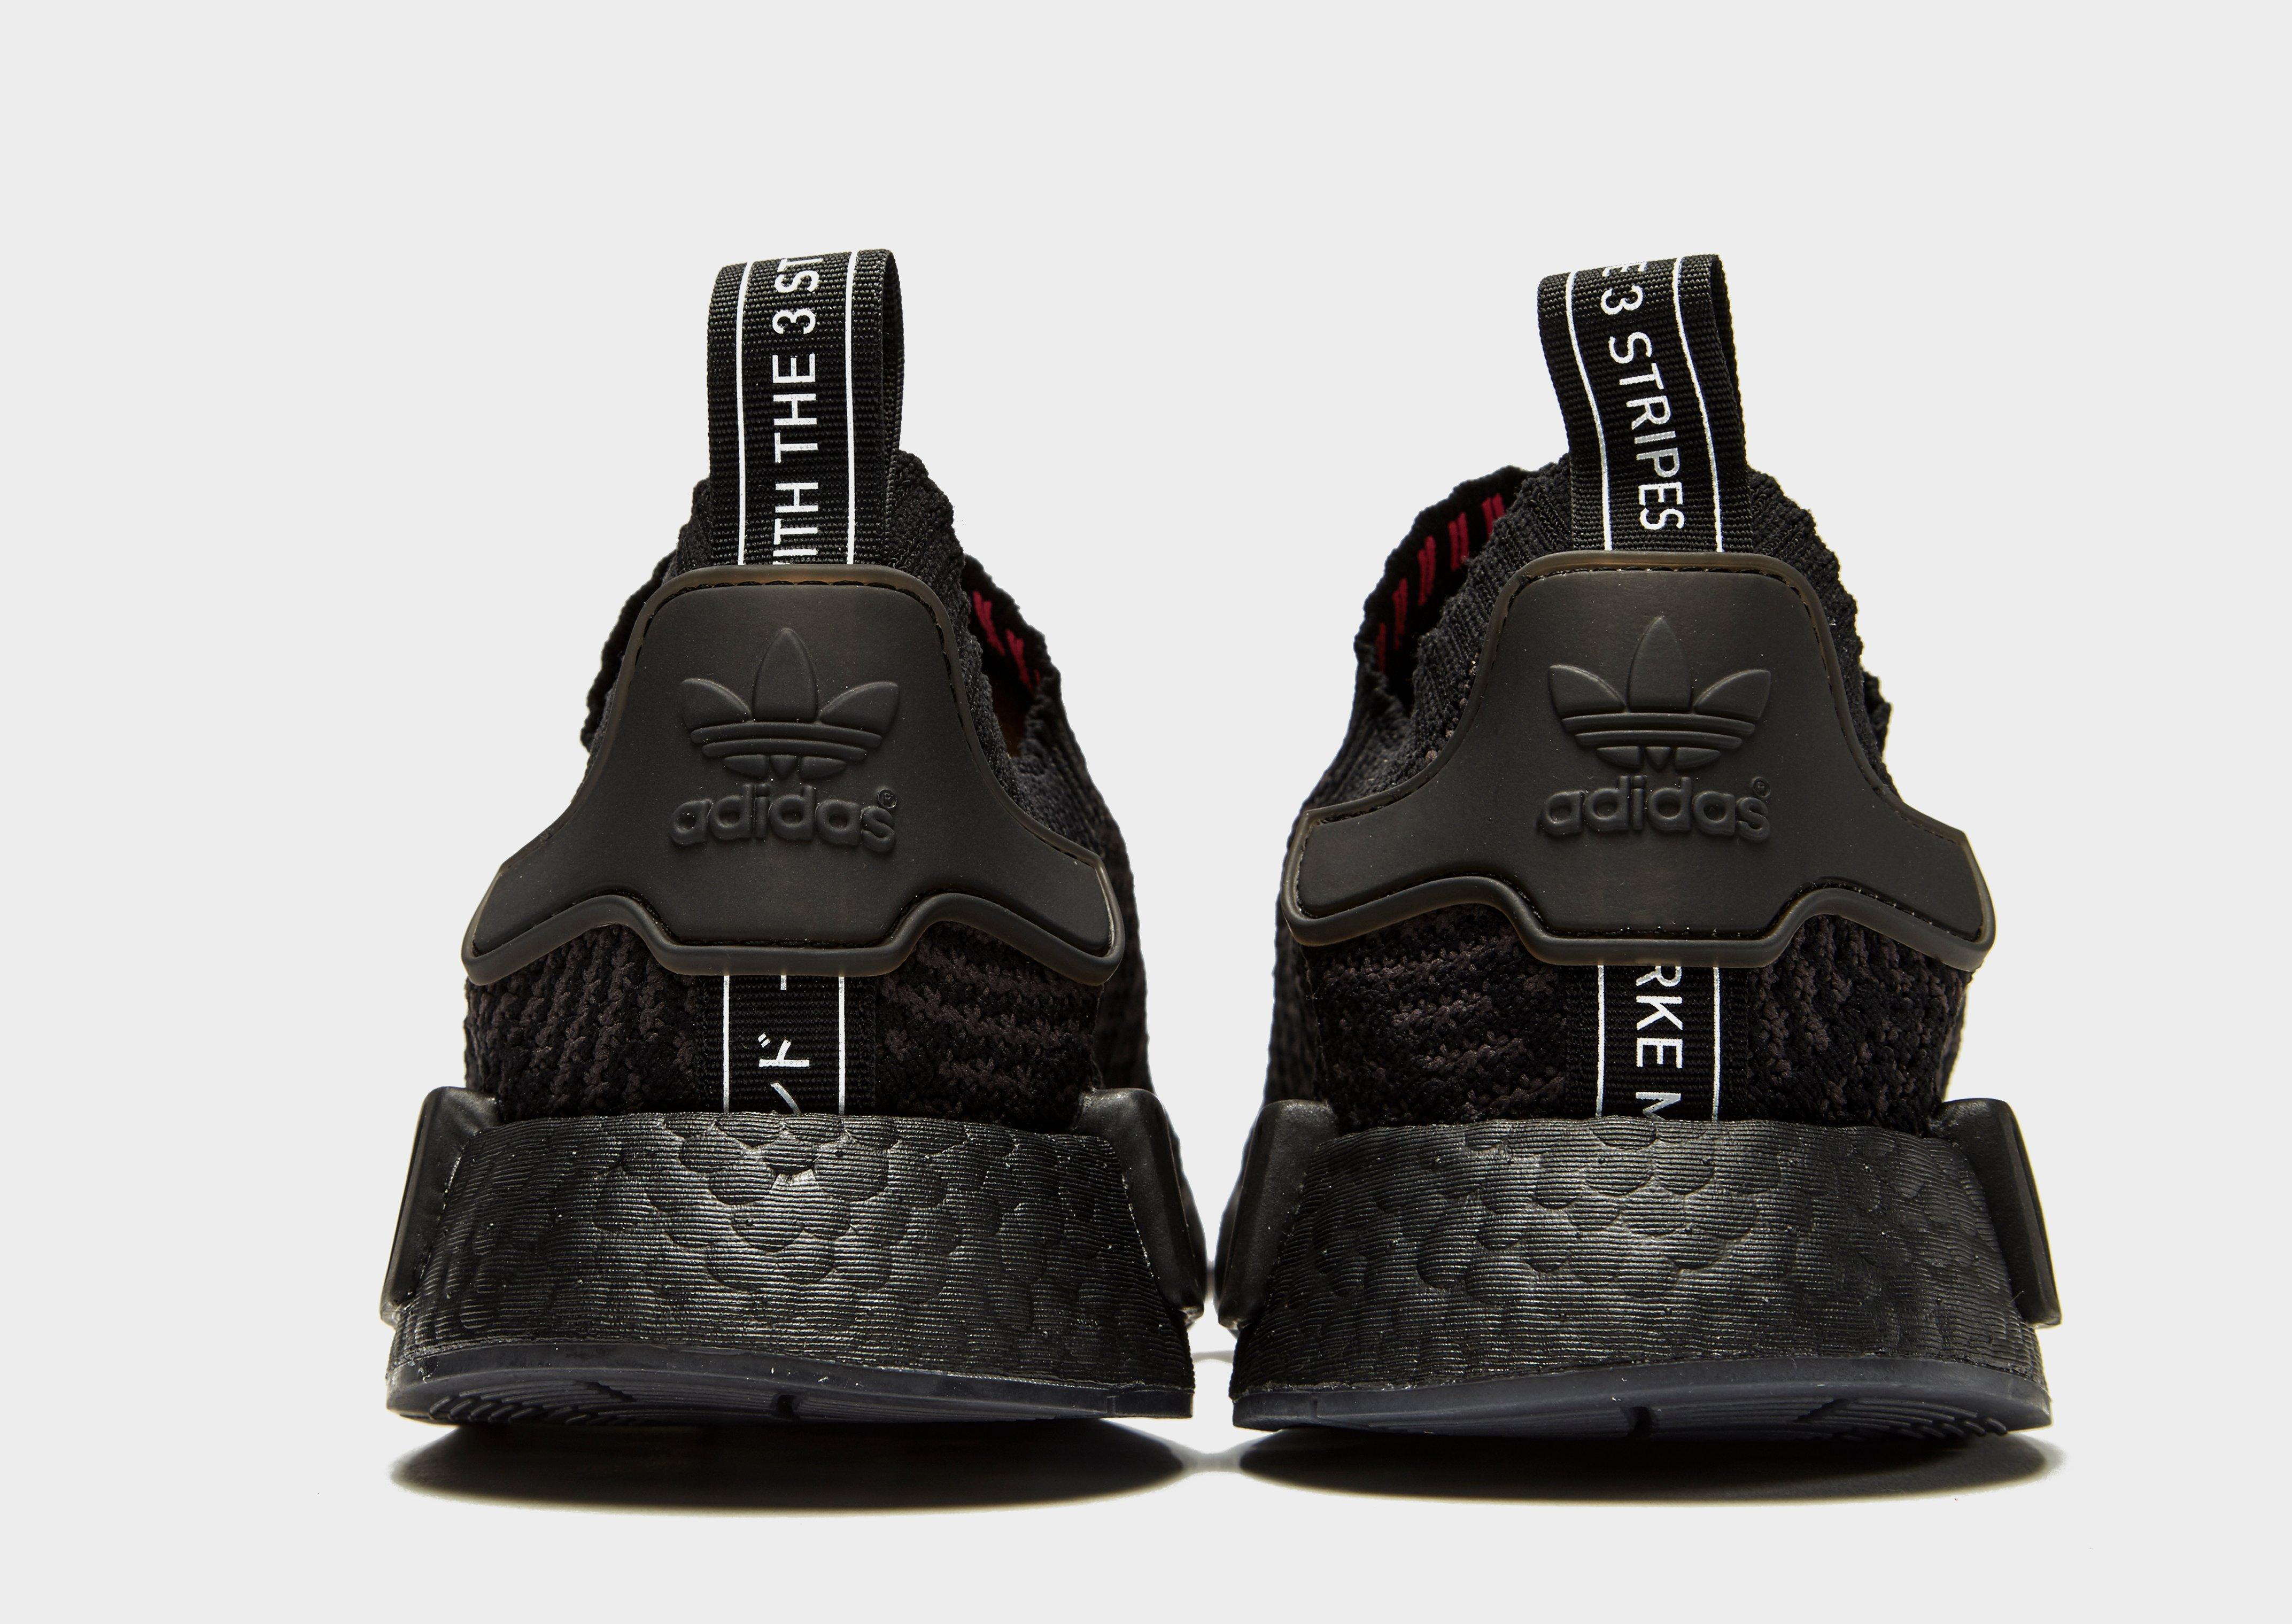 lyst adidas originali nmd r1 stlt primeknit in nero per gli uomini.